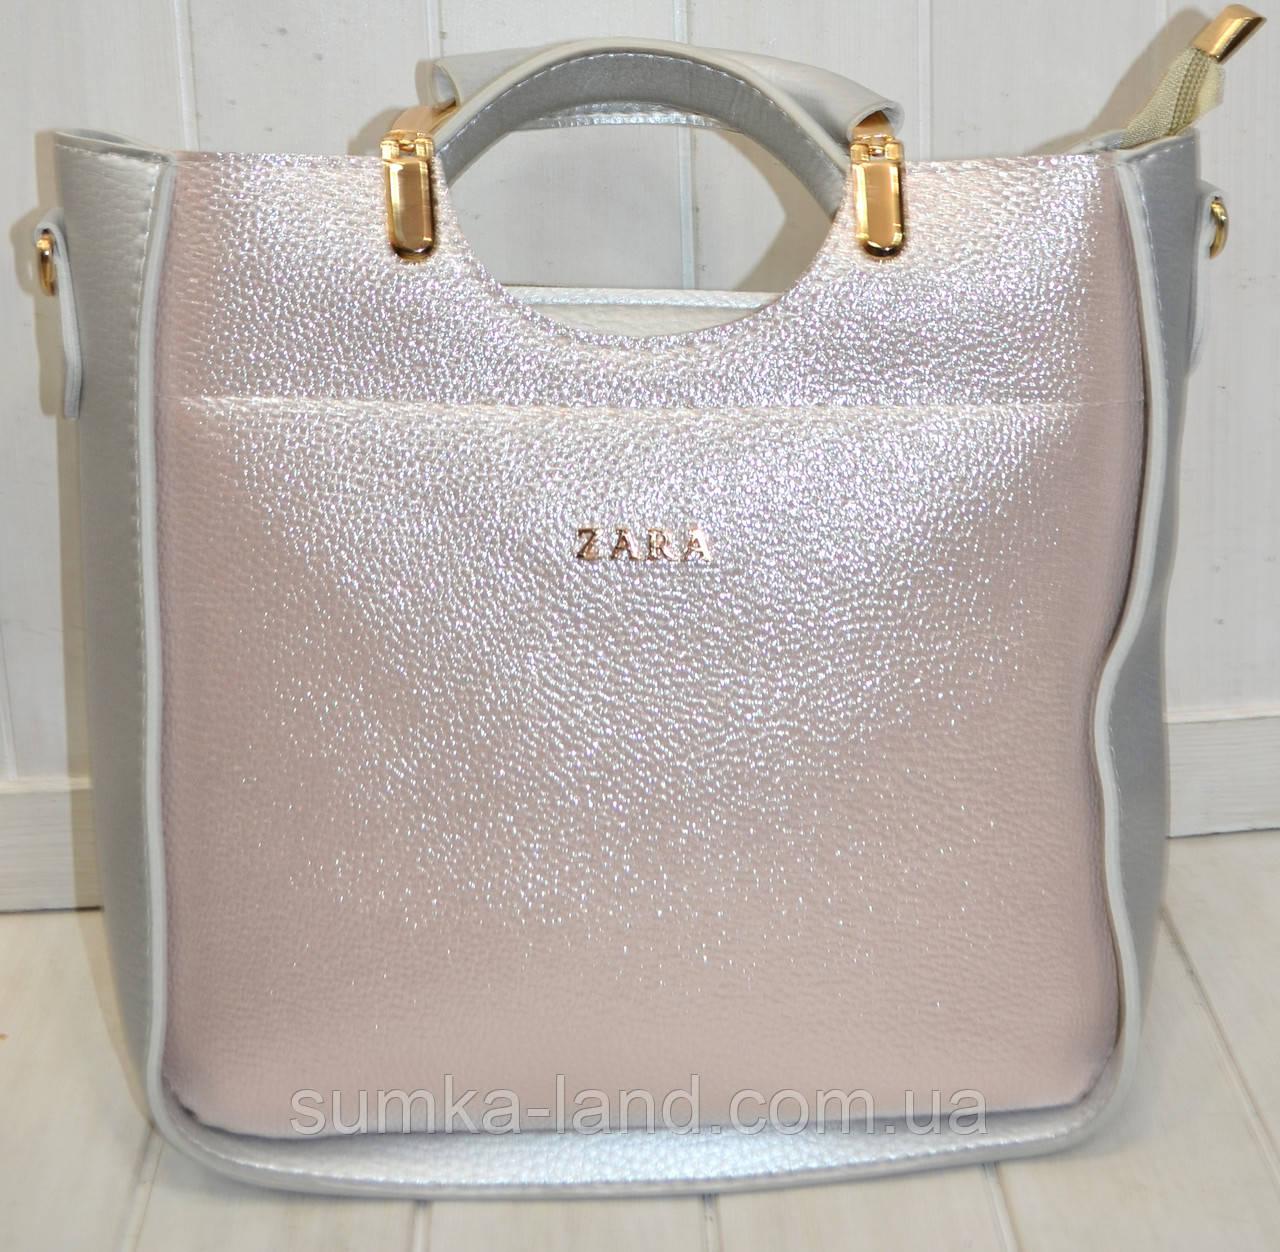 4c53b0220a14 Женская сумка Zara из эко-кожи серебристая с пудровым оттенком 26*26 ...